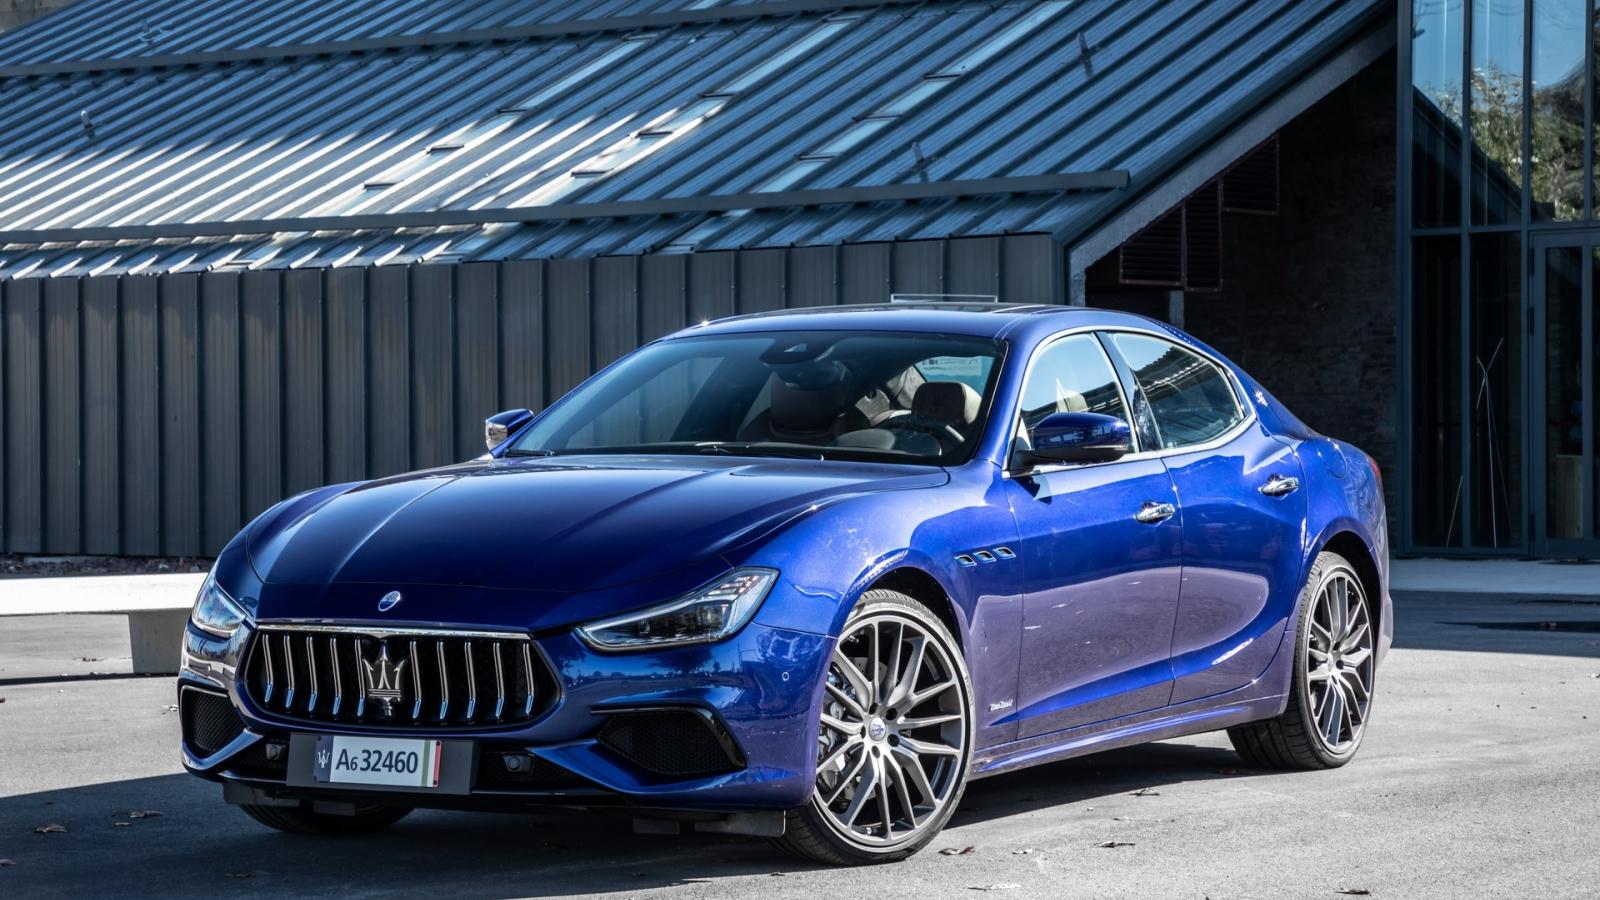 Khám phá xe điện Maserati Ghibli Hybrid vừa ra mắt